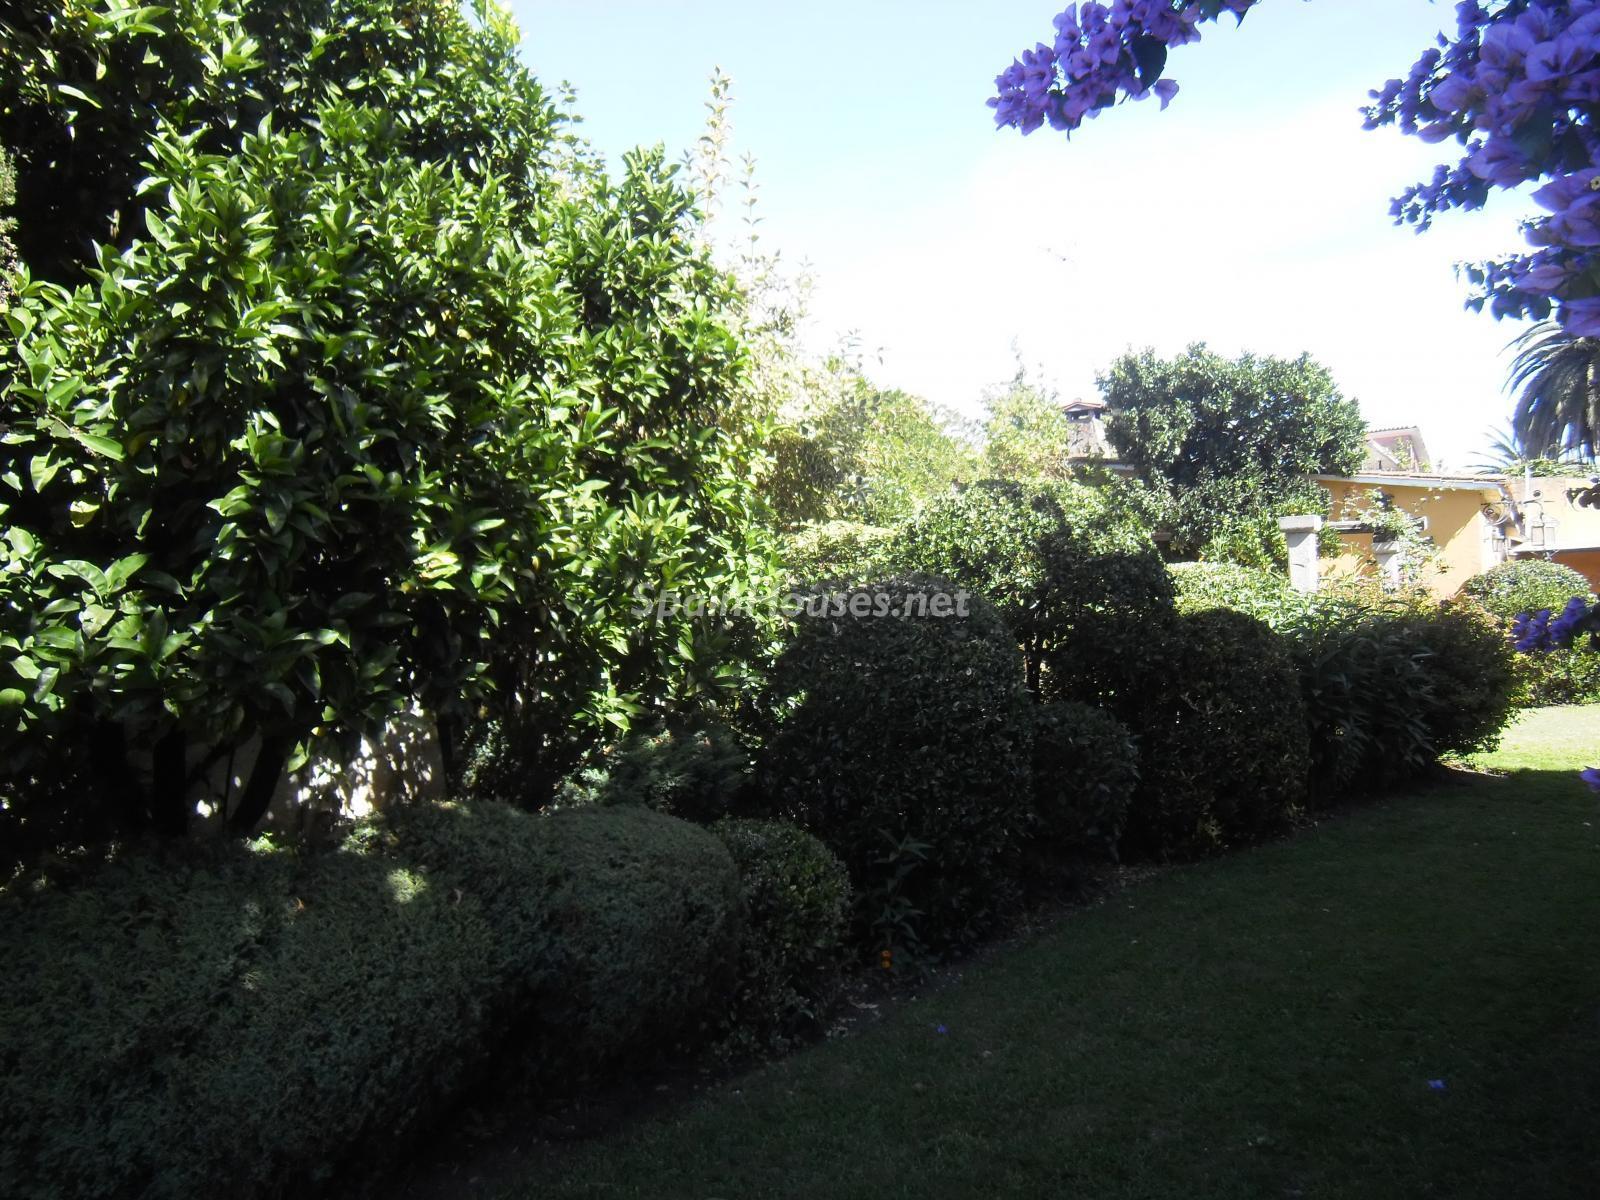 Foto 27 - Chalet independiente en venta en Oleiros, Ref: 1825929